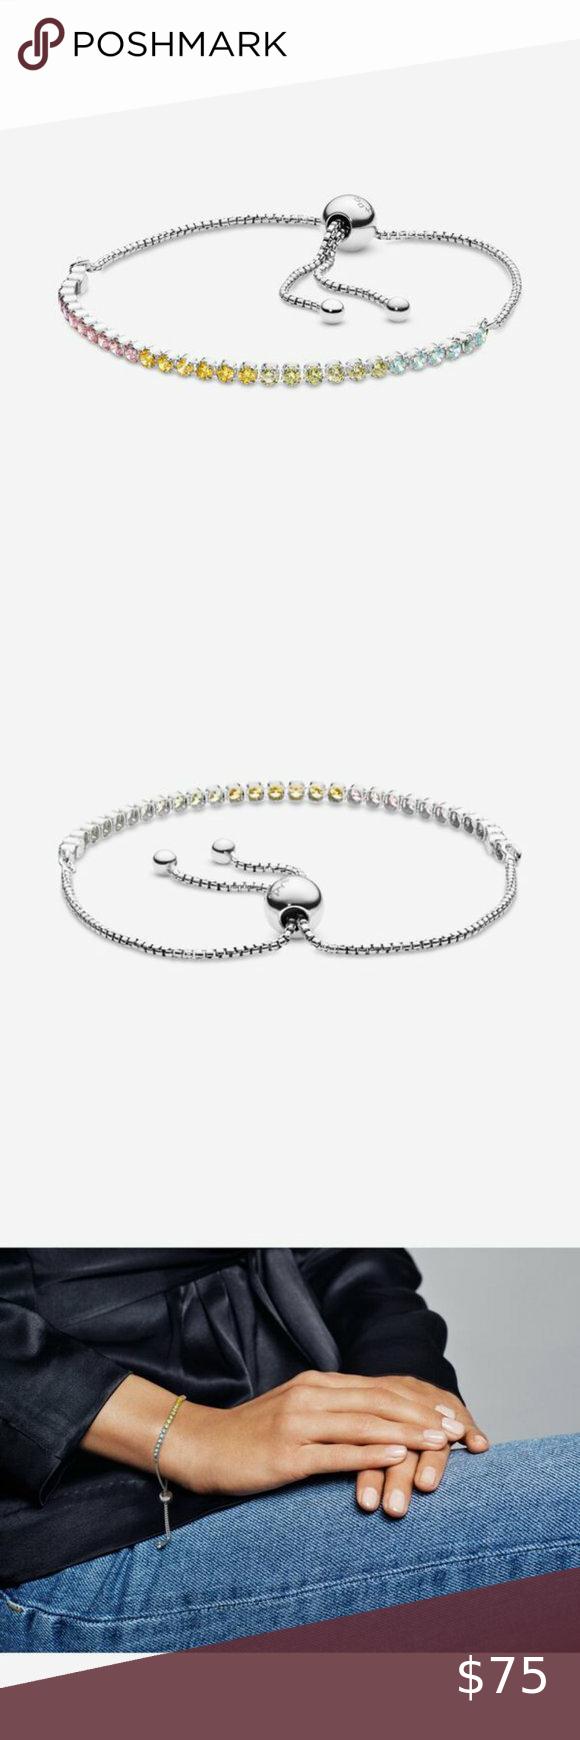 Rainbow Tennis Bracelet Pandora